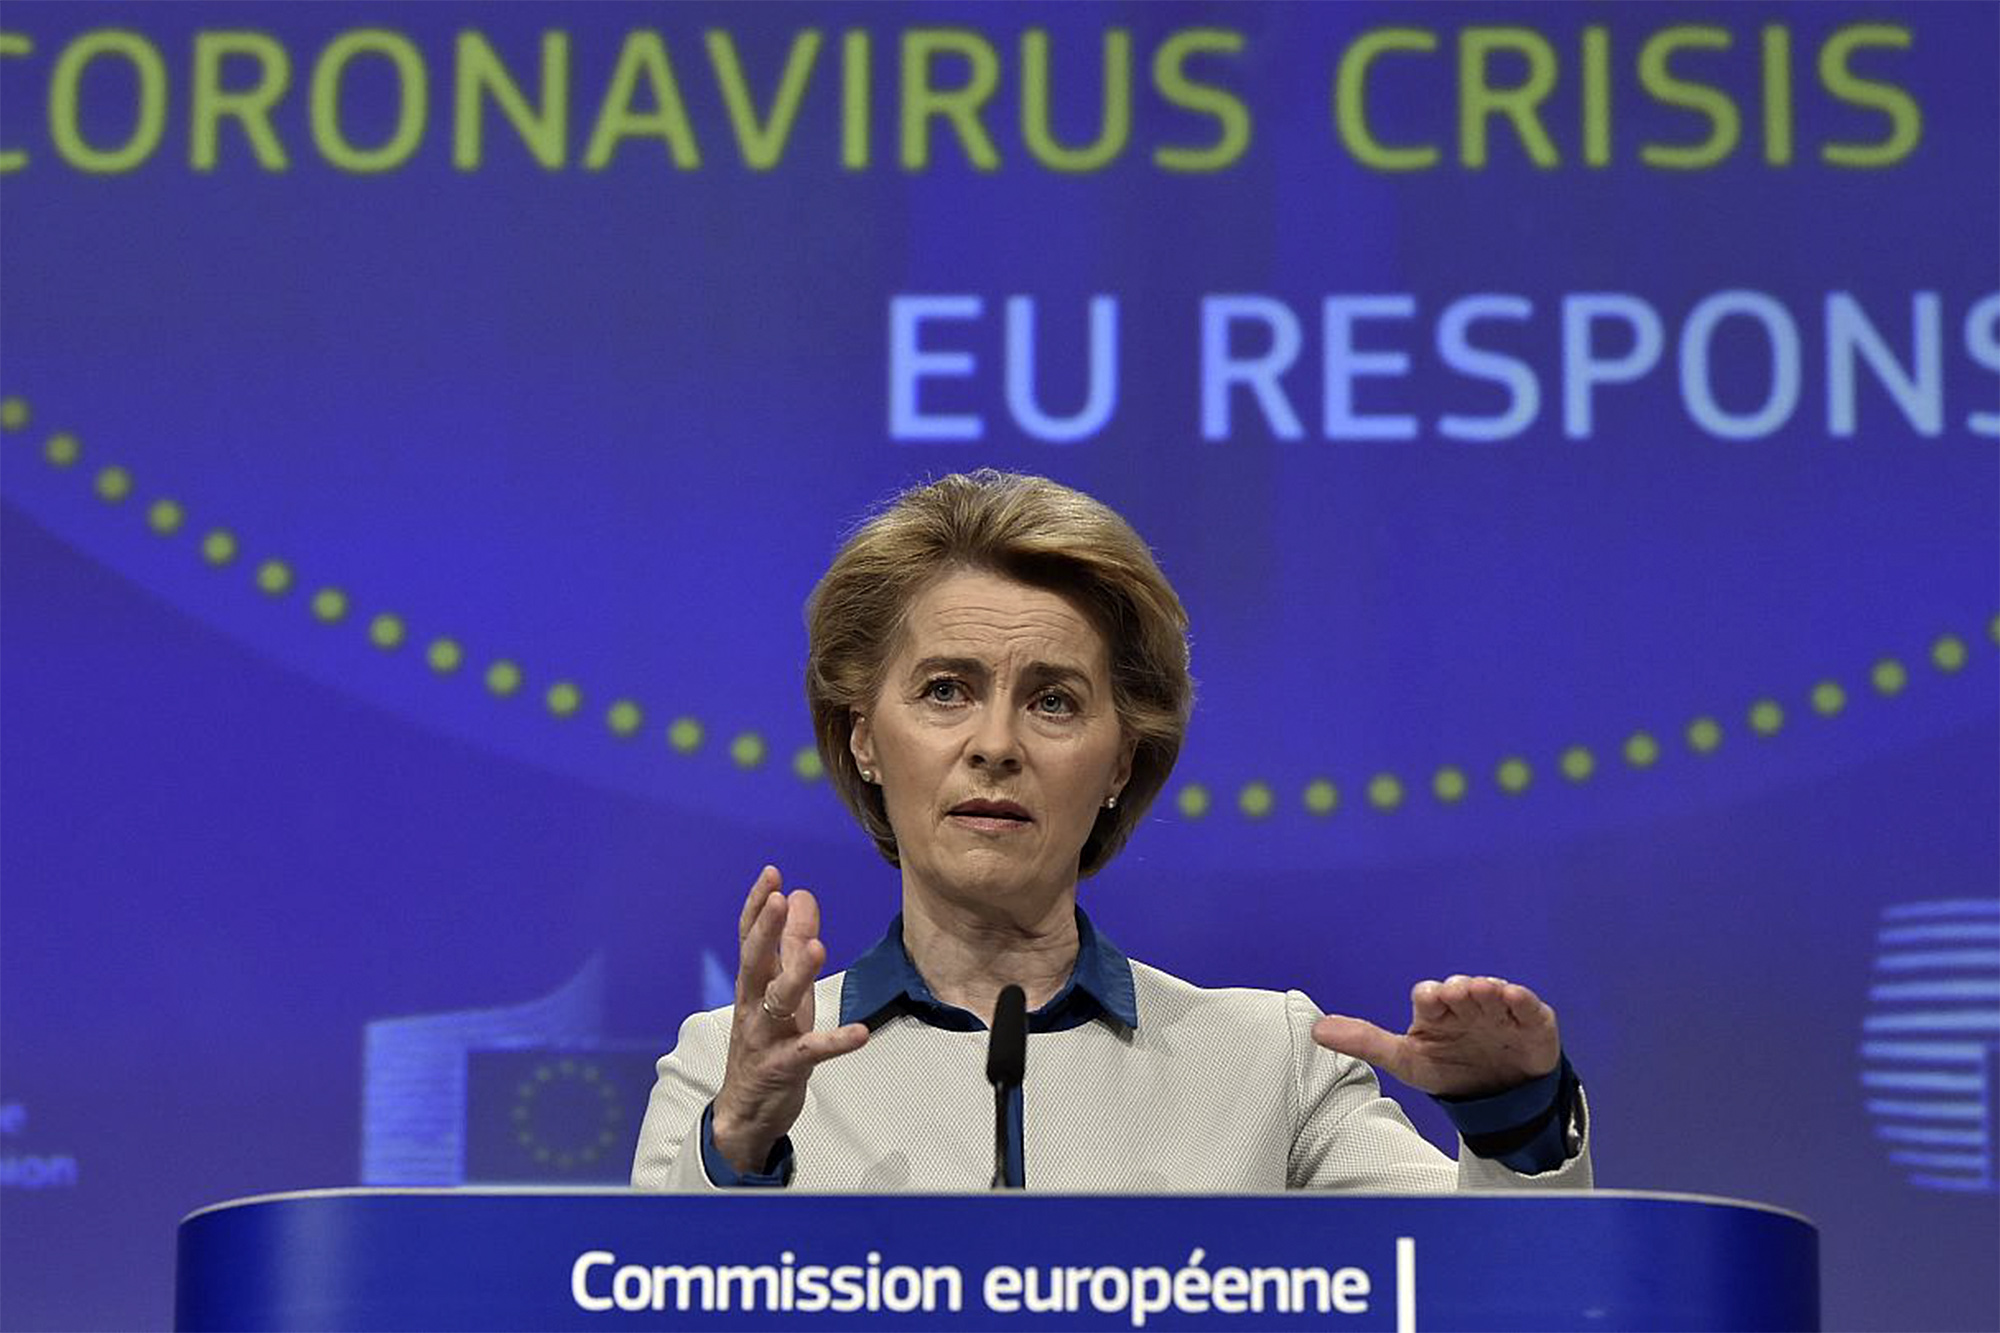 Ursula von der Leyen, Presidente da Comissão Europeia. Fonte: Euonews.